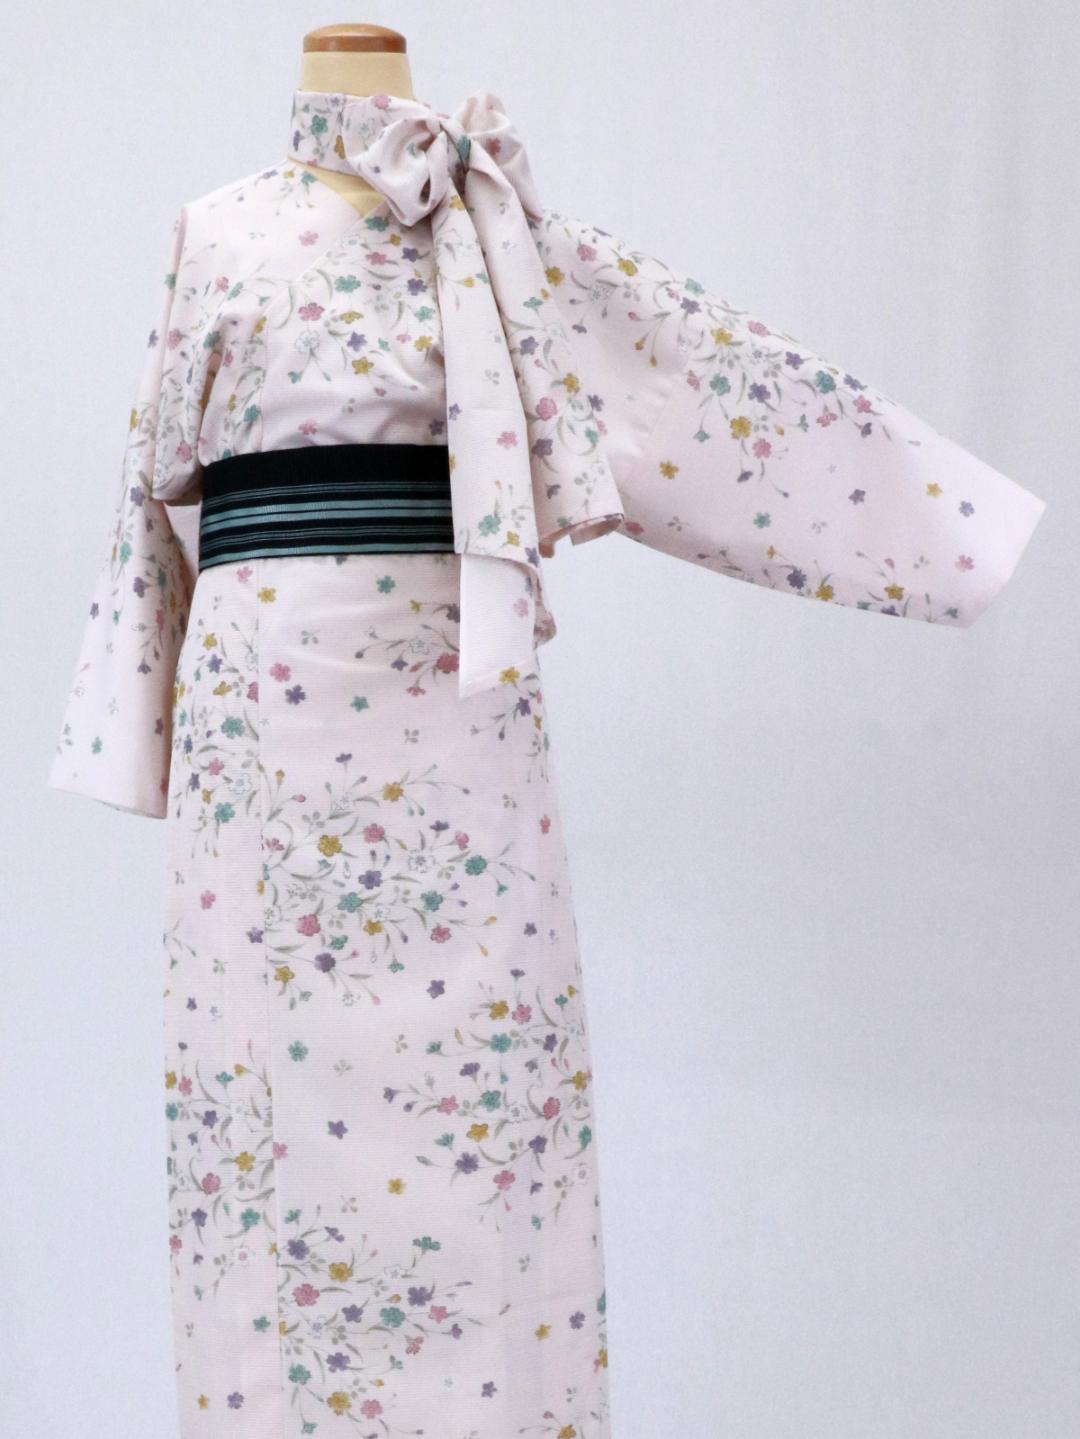 【日本製】 単品 衿なし高級着物(小袖)絽 [ピンク系][N102][MTサイズ]画像